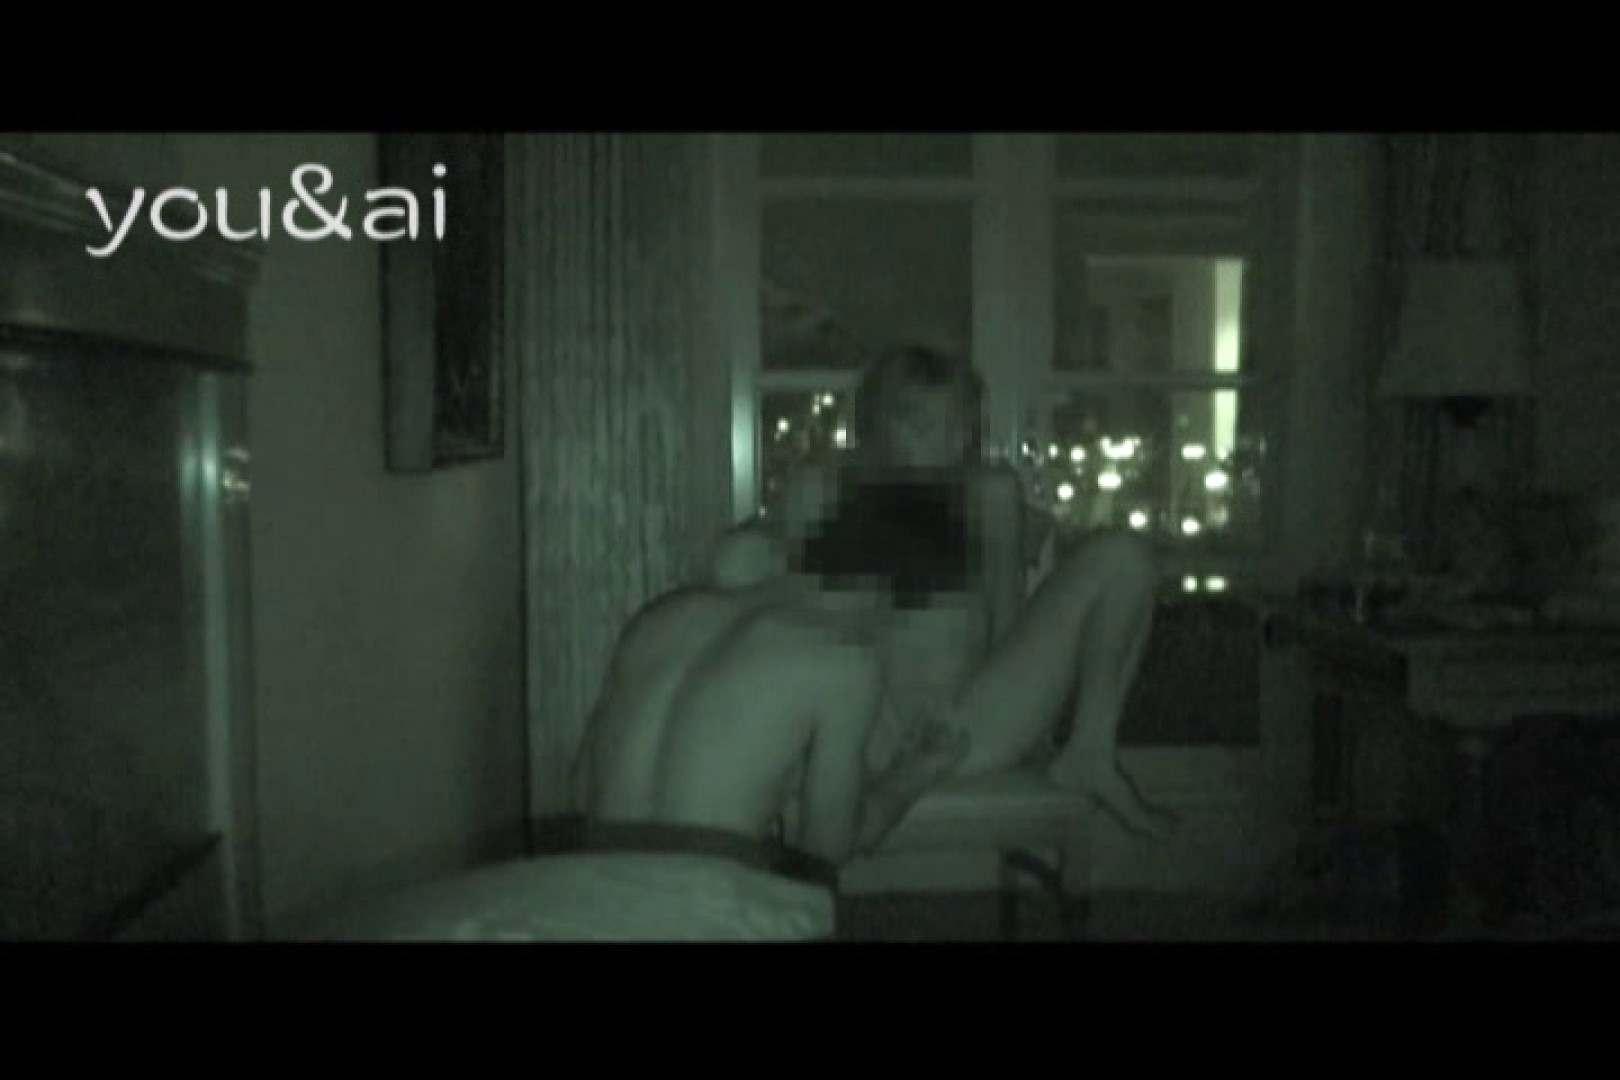 おしどり夫婦のyou&aiさん投稿作品vol.10 ホテル  110pic 52